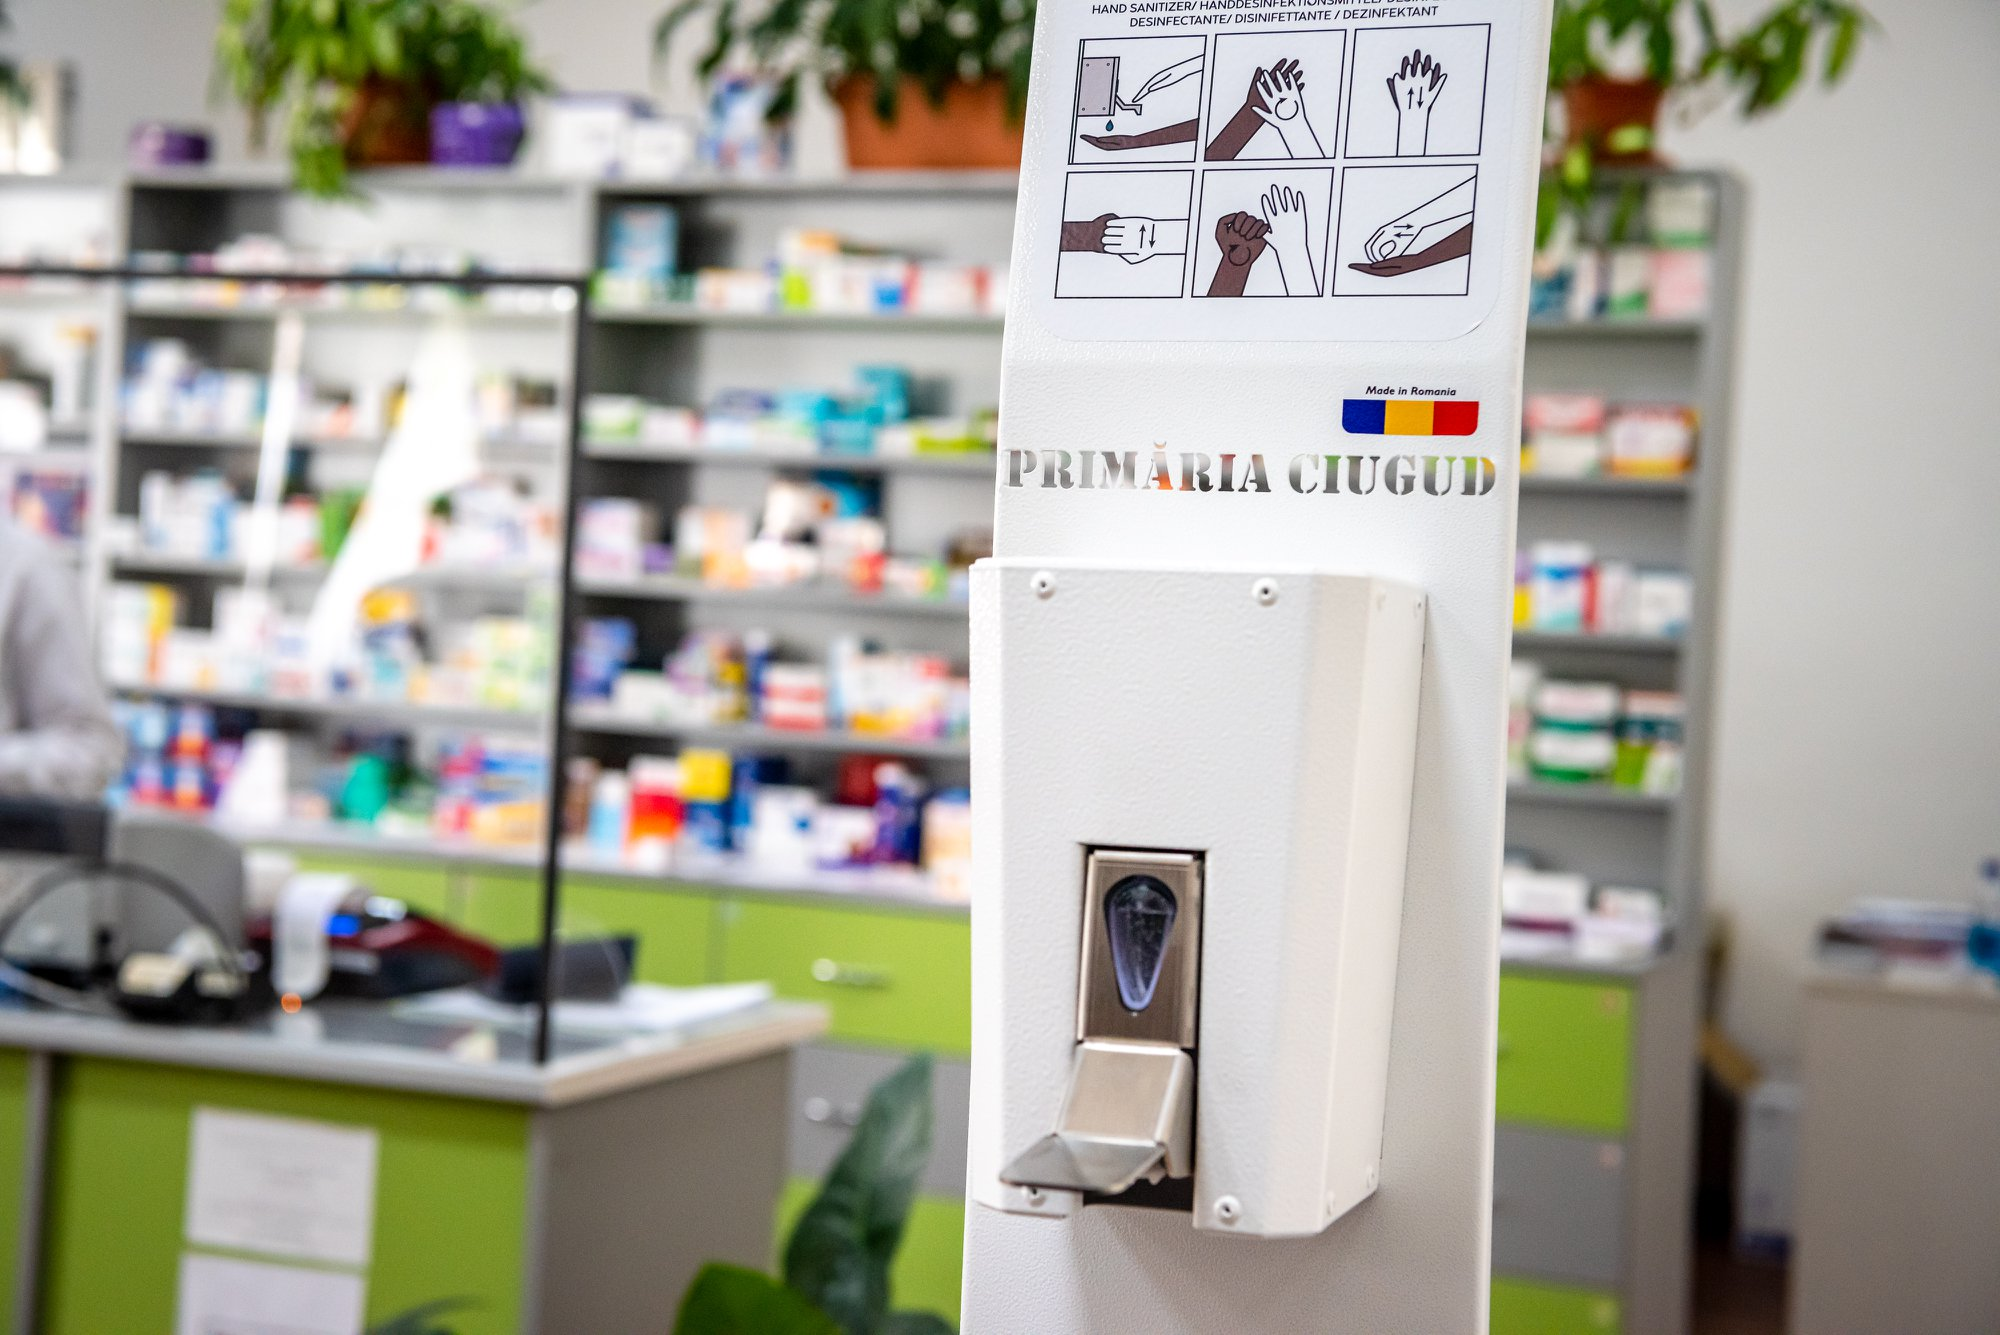 Staţie de dezinfectare realizată în România, testată în premieră de Primăria  Ciugud